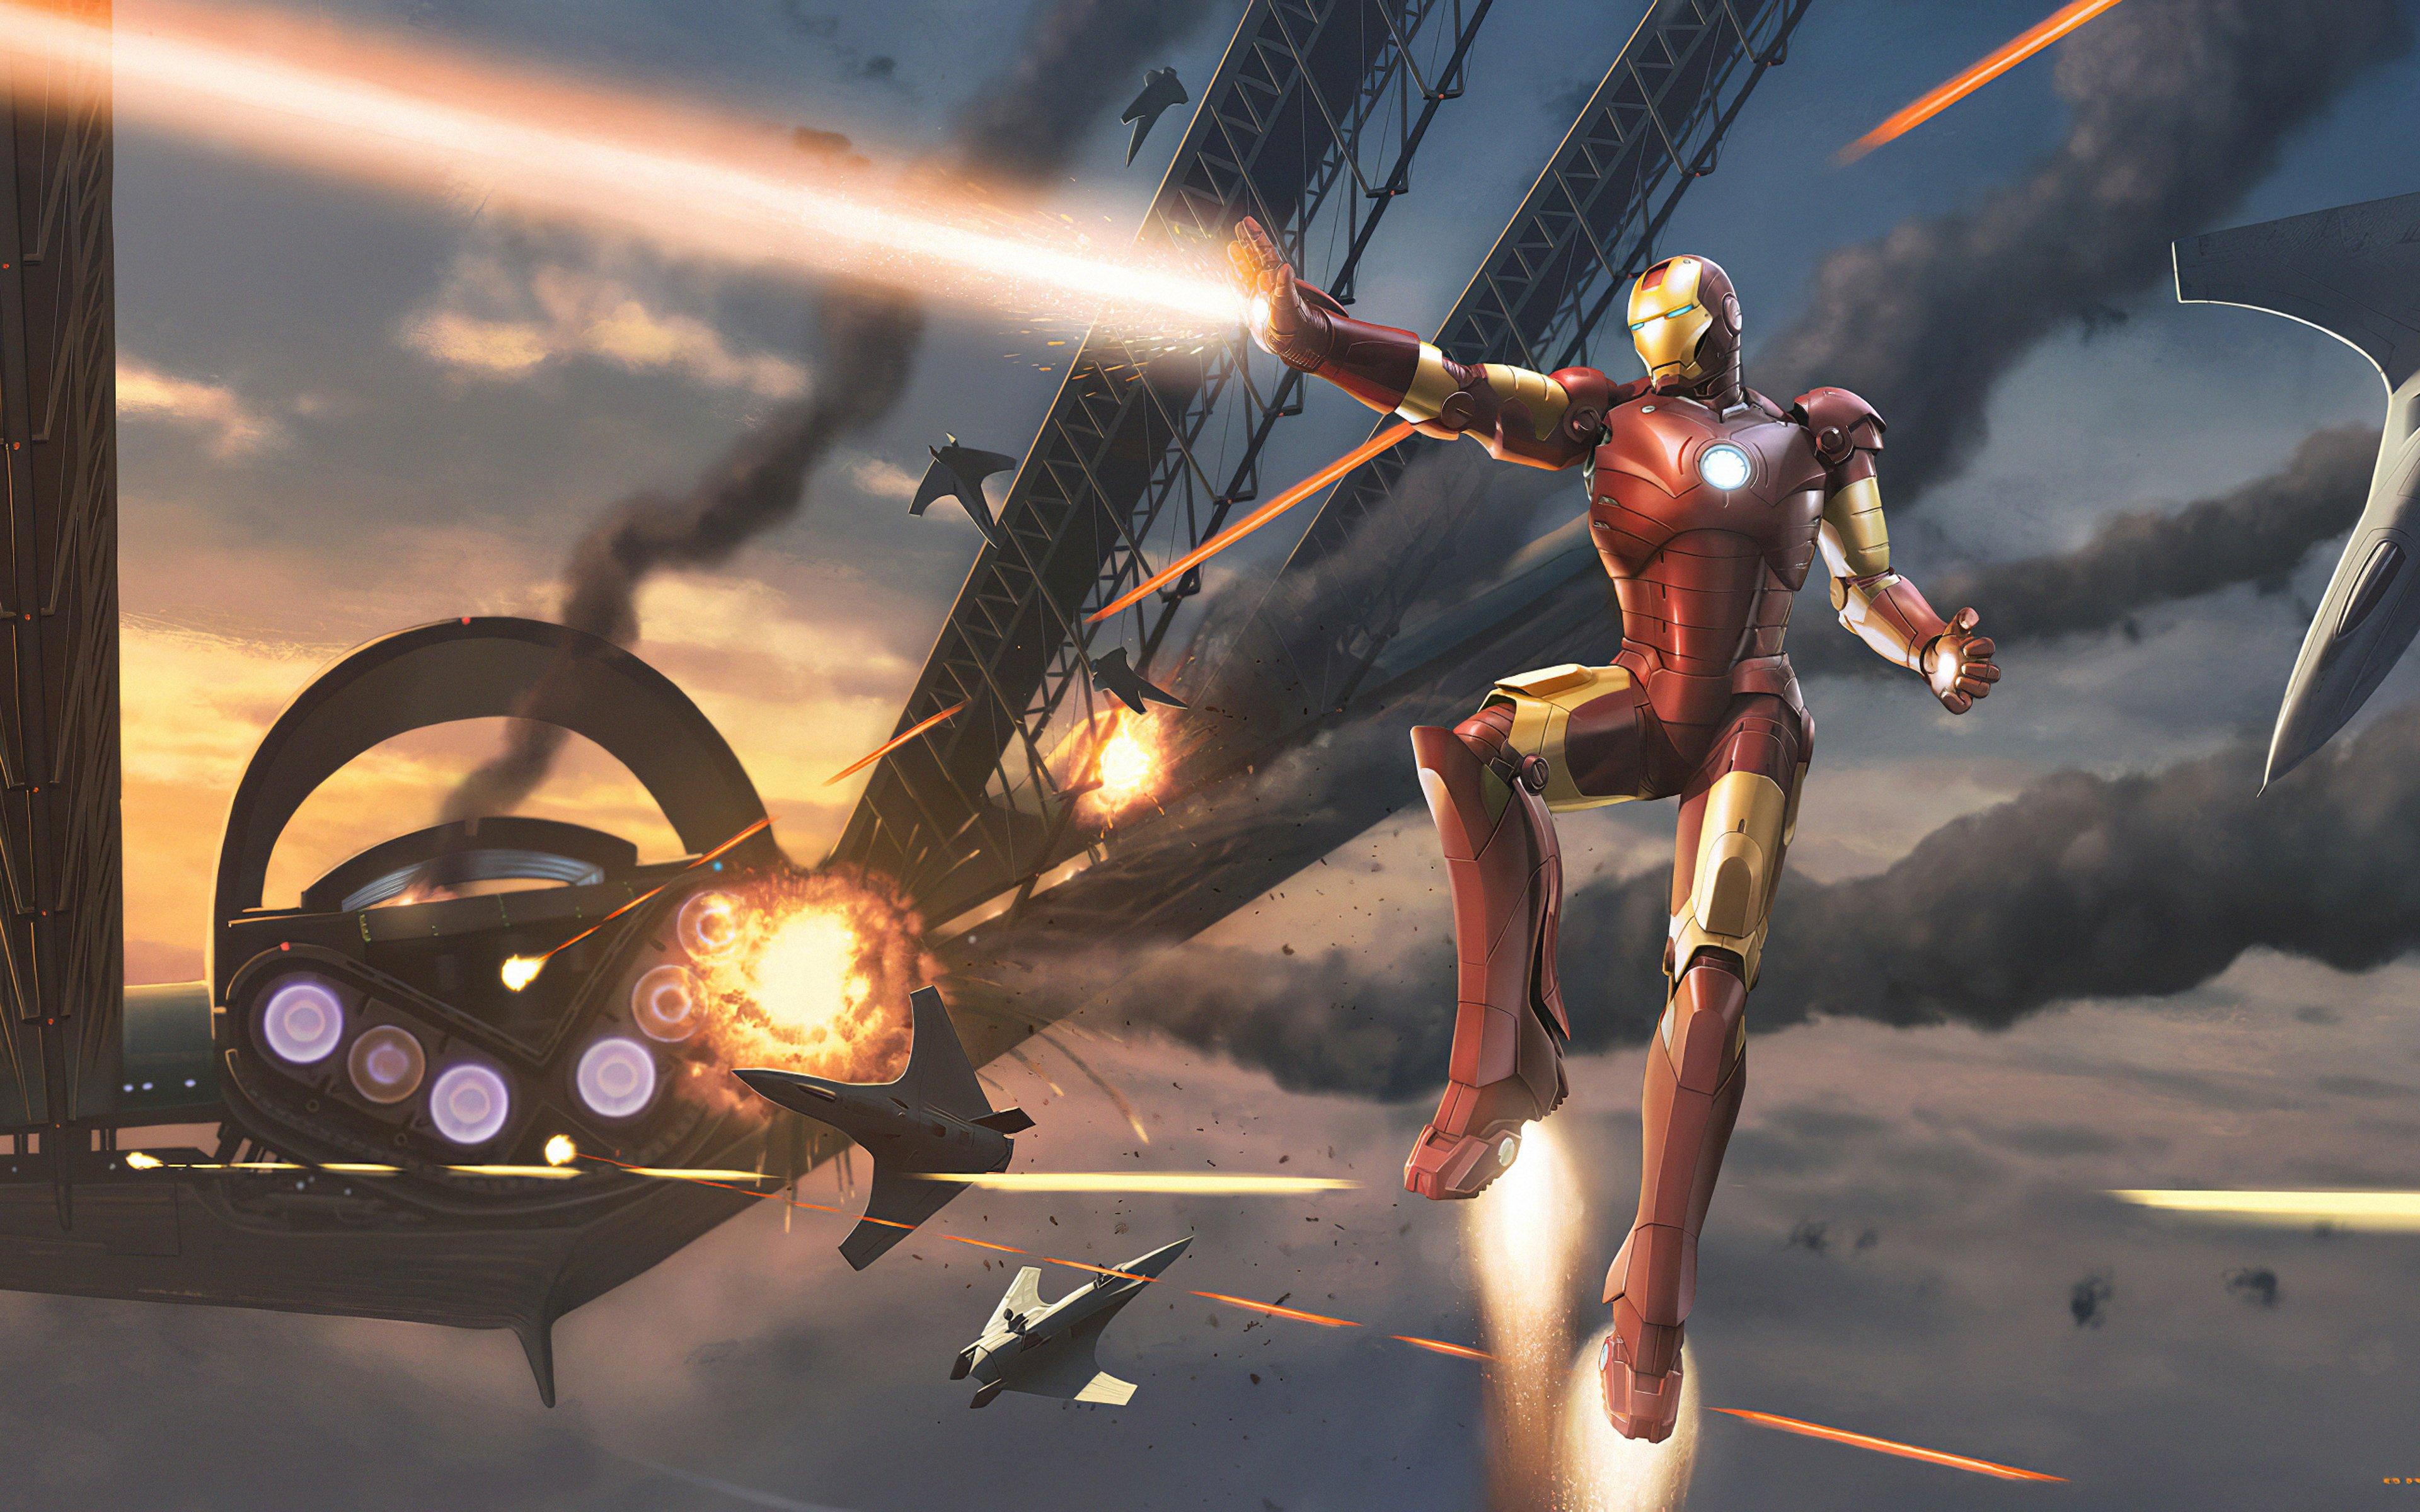 Fondos de pantalla Iron Man en batalla